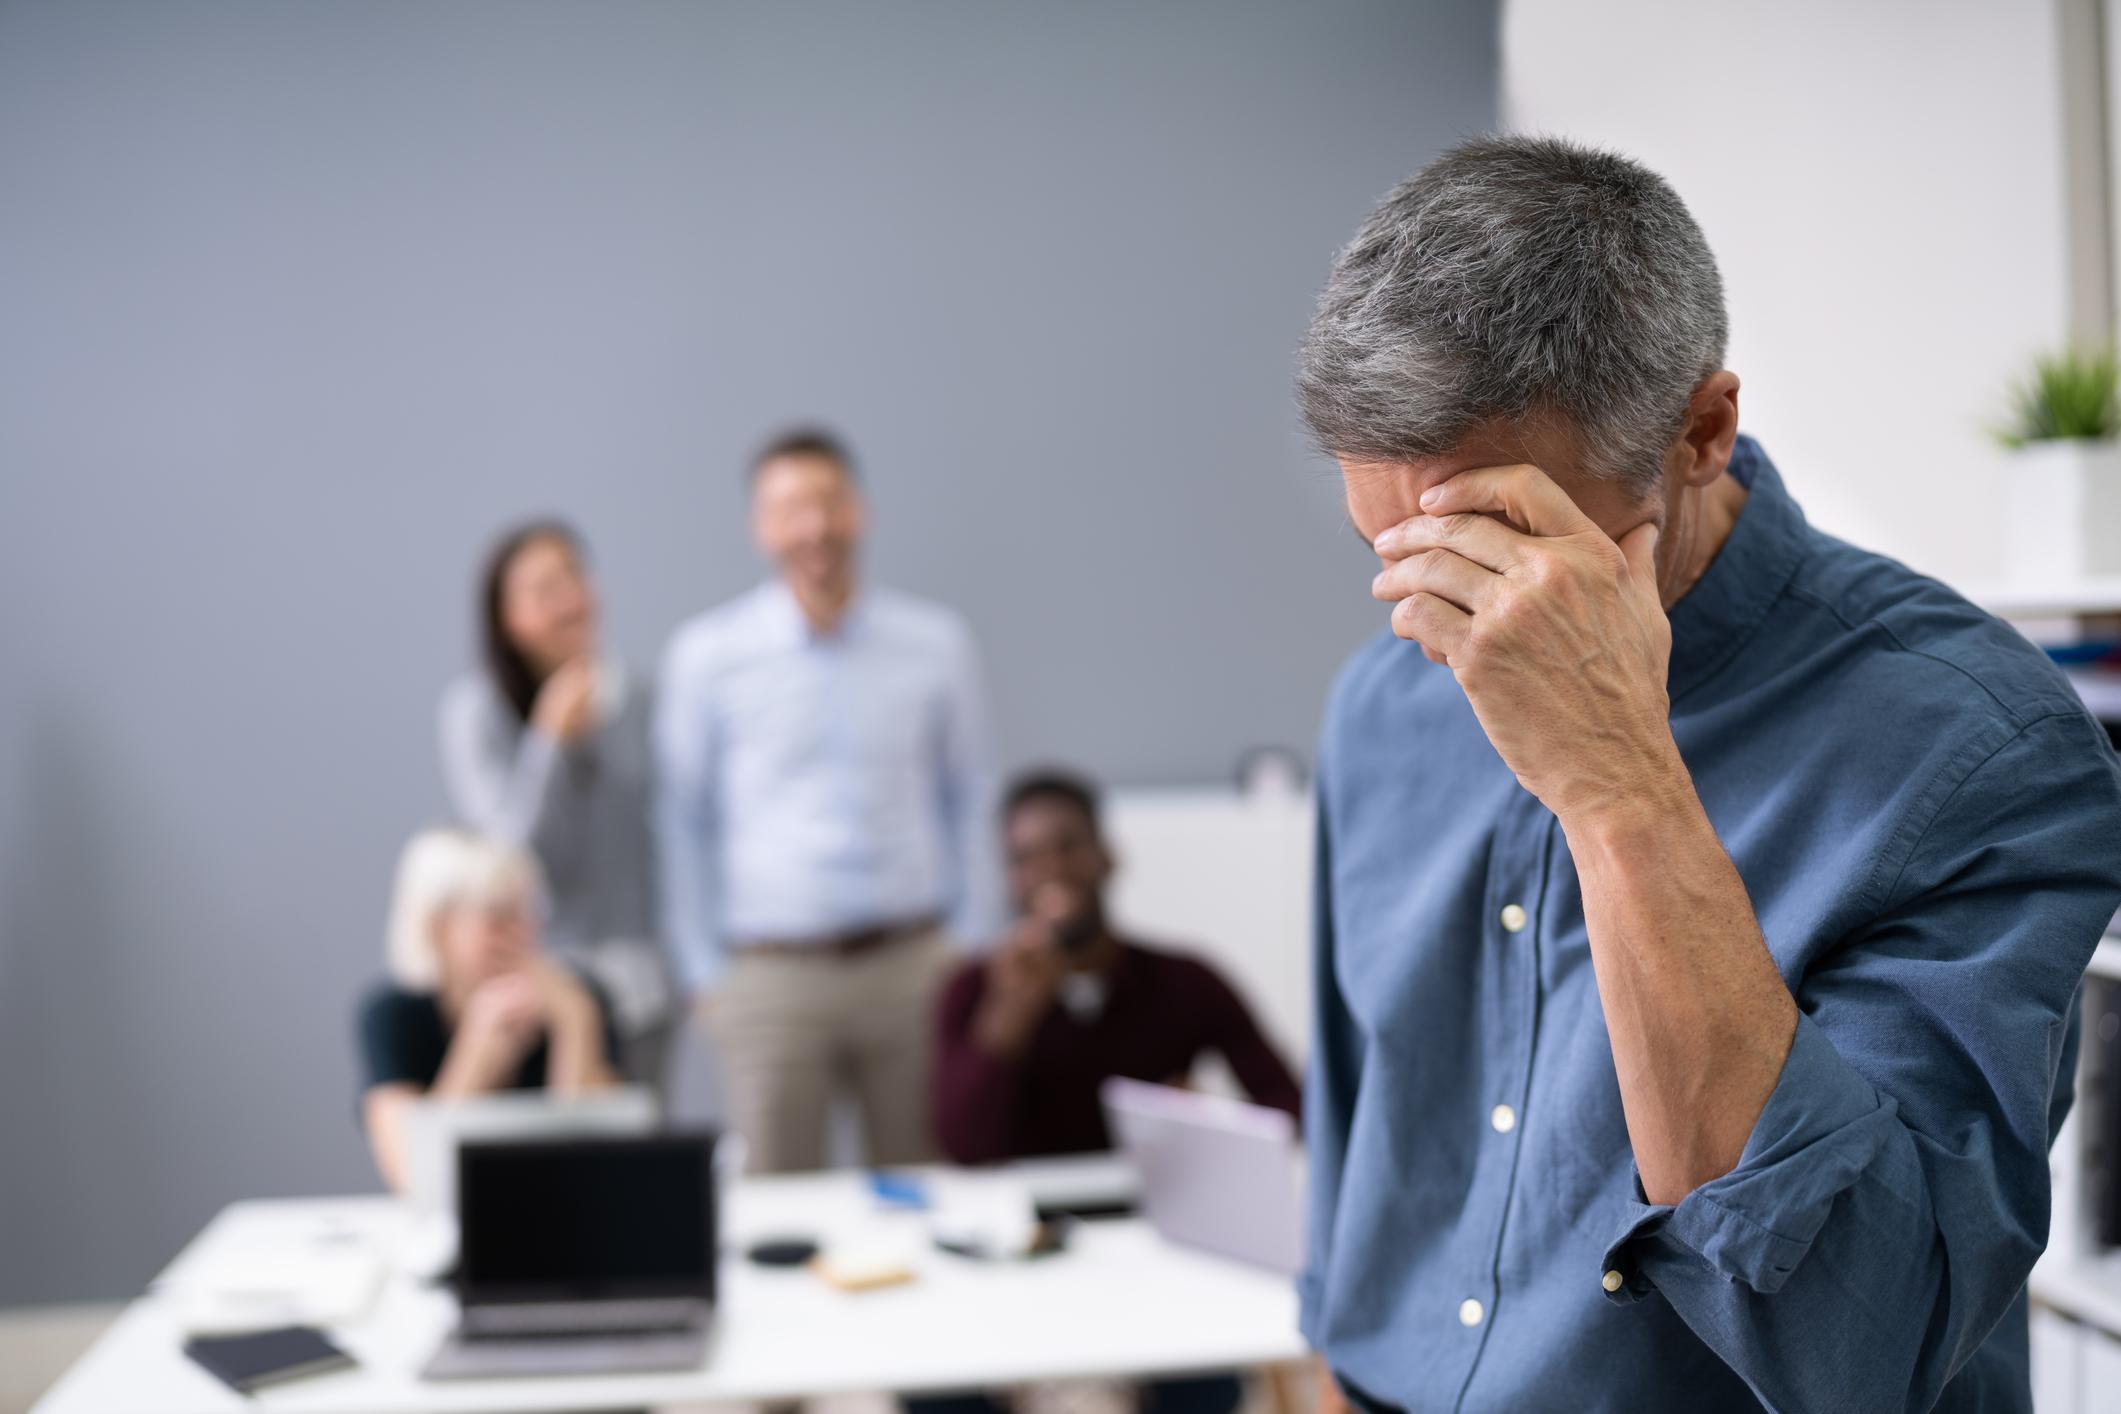 Comment prouver le mobbing ? Les collègues osent-ils témoigner en justice ? Où se situe la limite entre un conflit « ordinaire » sur le lieu de travail et un harcèlement psychologique au sens de la loi